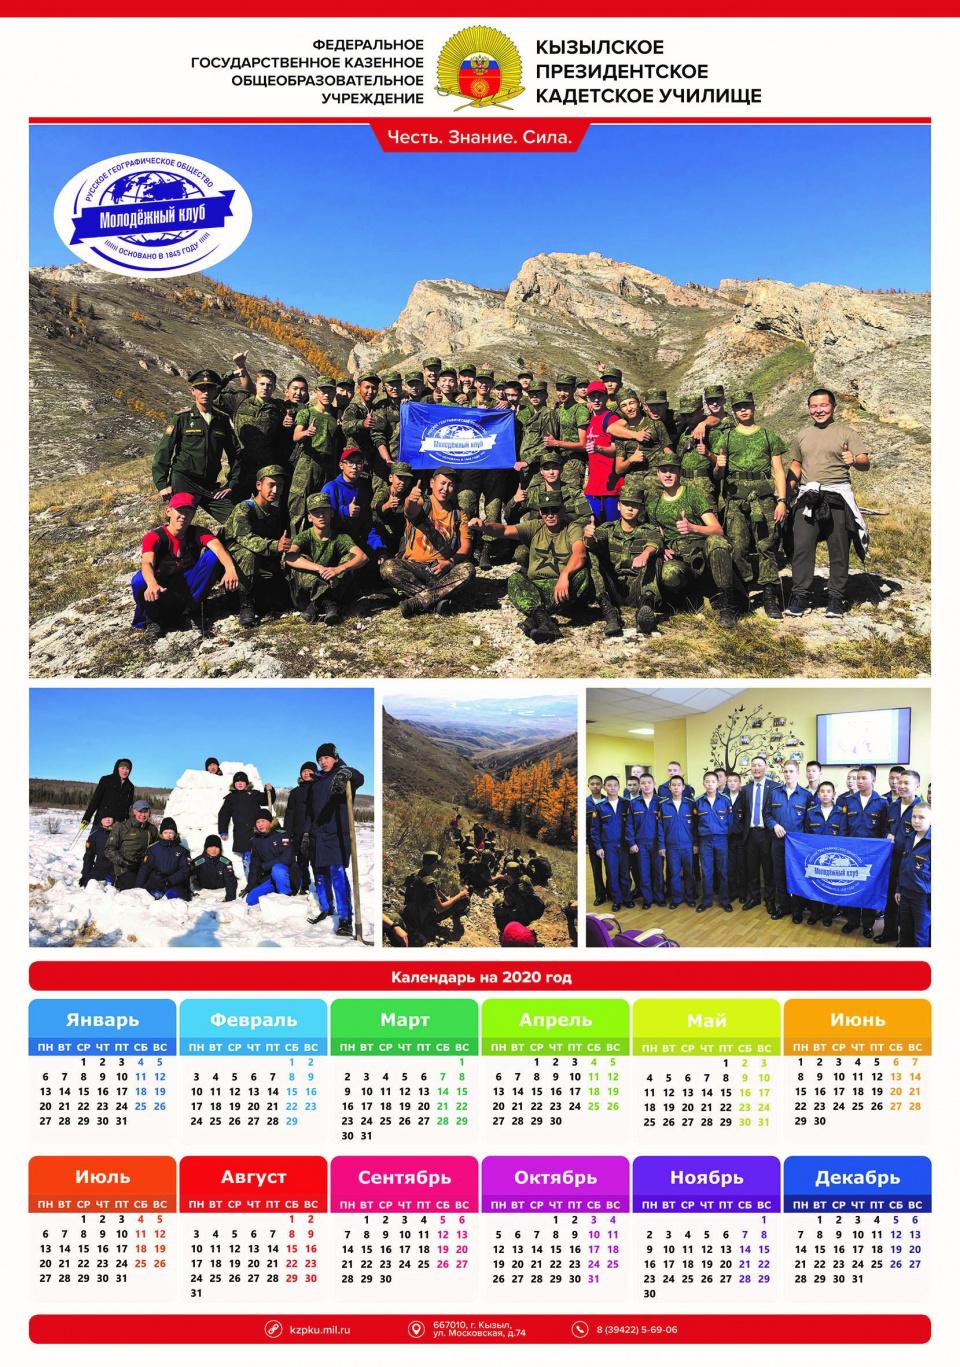 Календарь Молодежного клуба РГО на базе «Кызылского президентского училища»